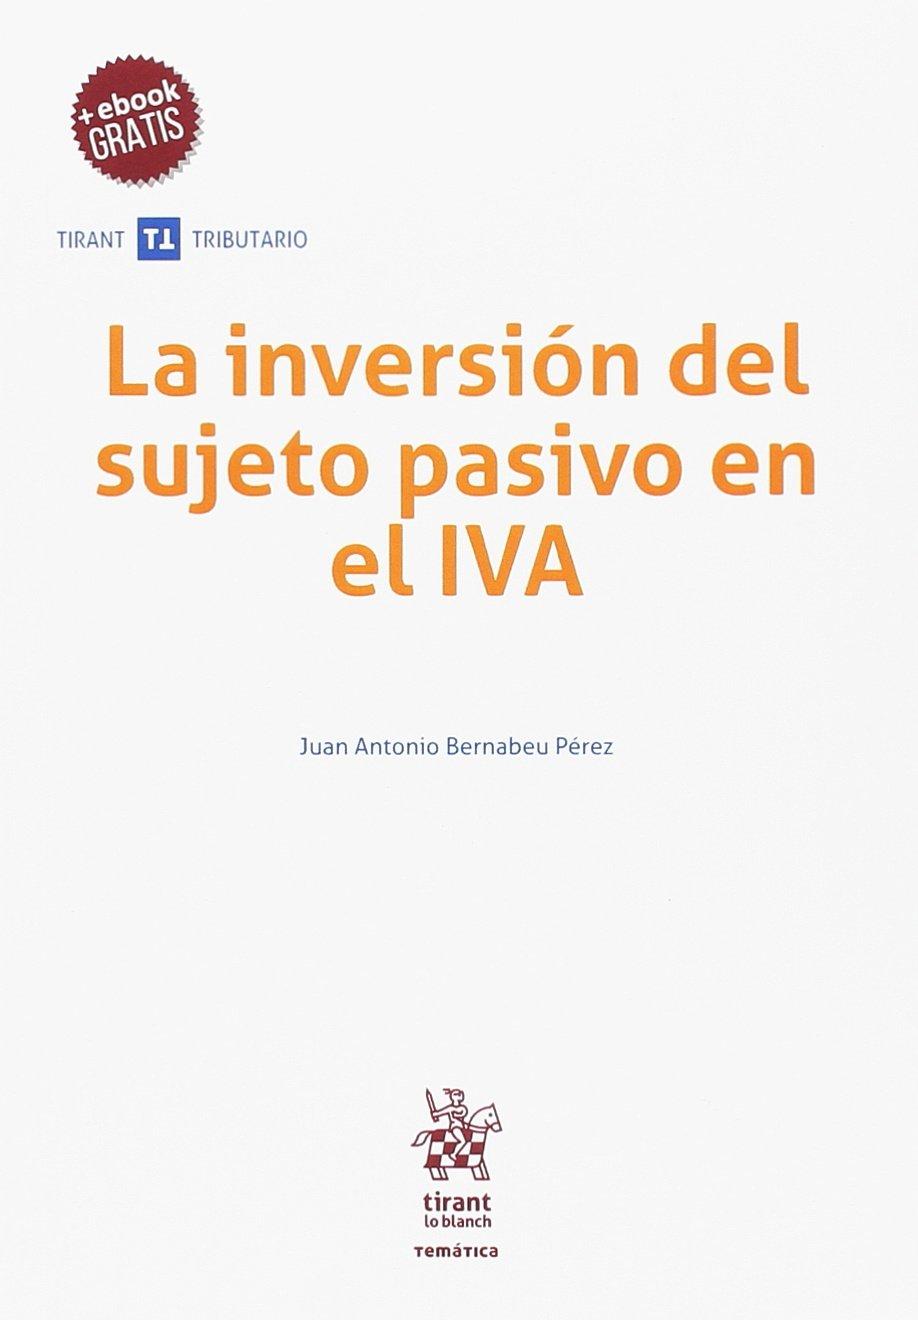 La inversión del sujeto pasivo en el IVA (Spanish) Paperback – March 1, 2018